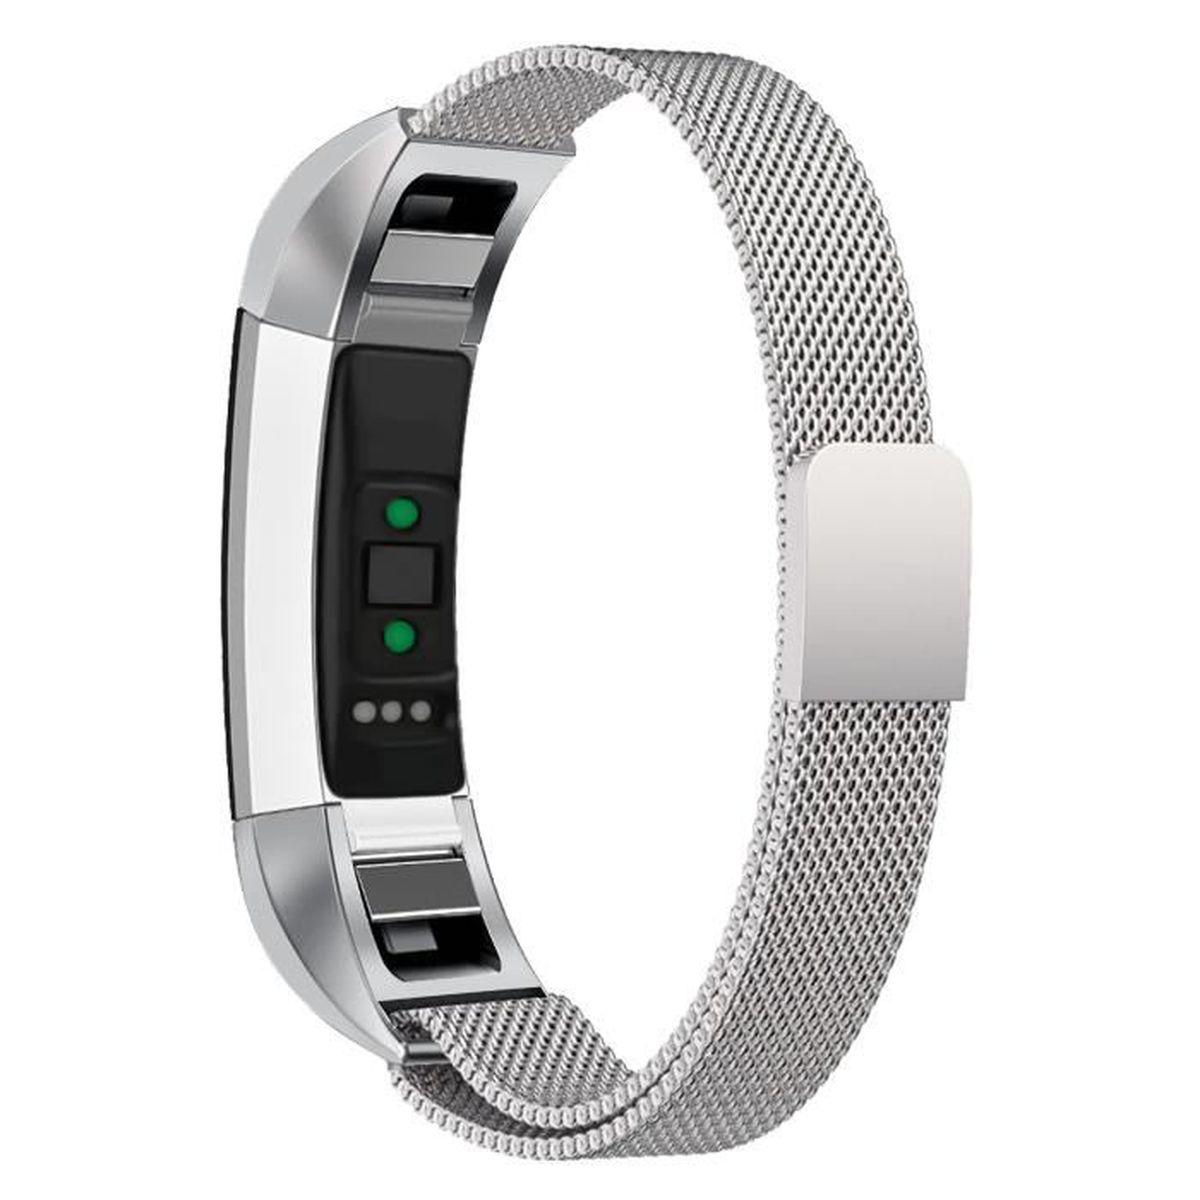 le dernier 2b99a c0d1f Fitbit Alta HR.aux femmes bracelet montre remplacement acier inoxydable  milanais métal argent élégant